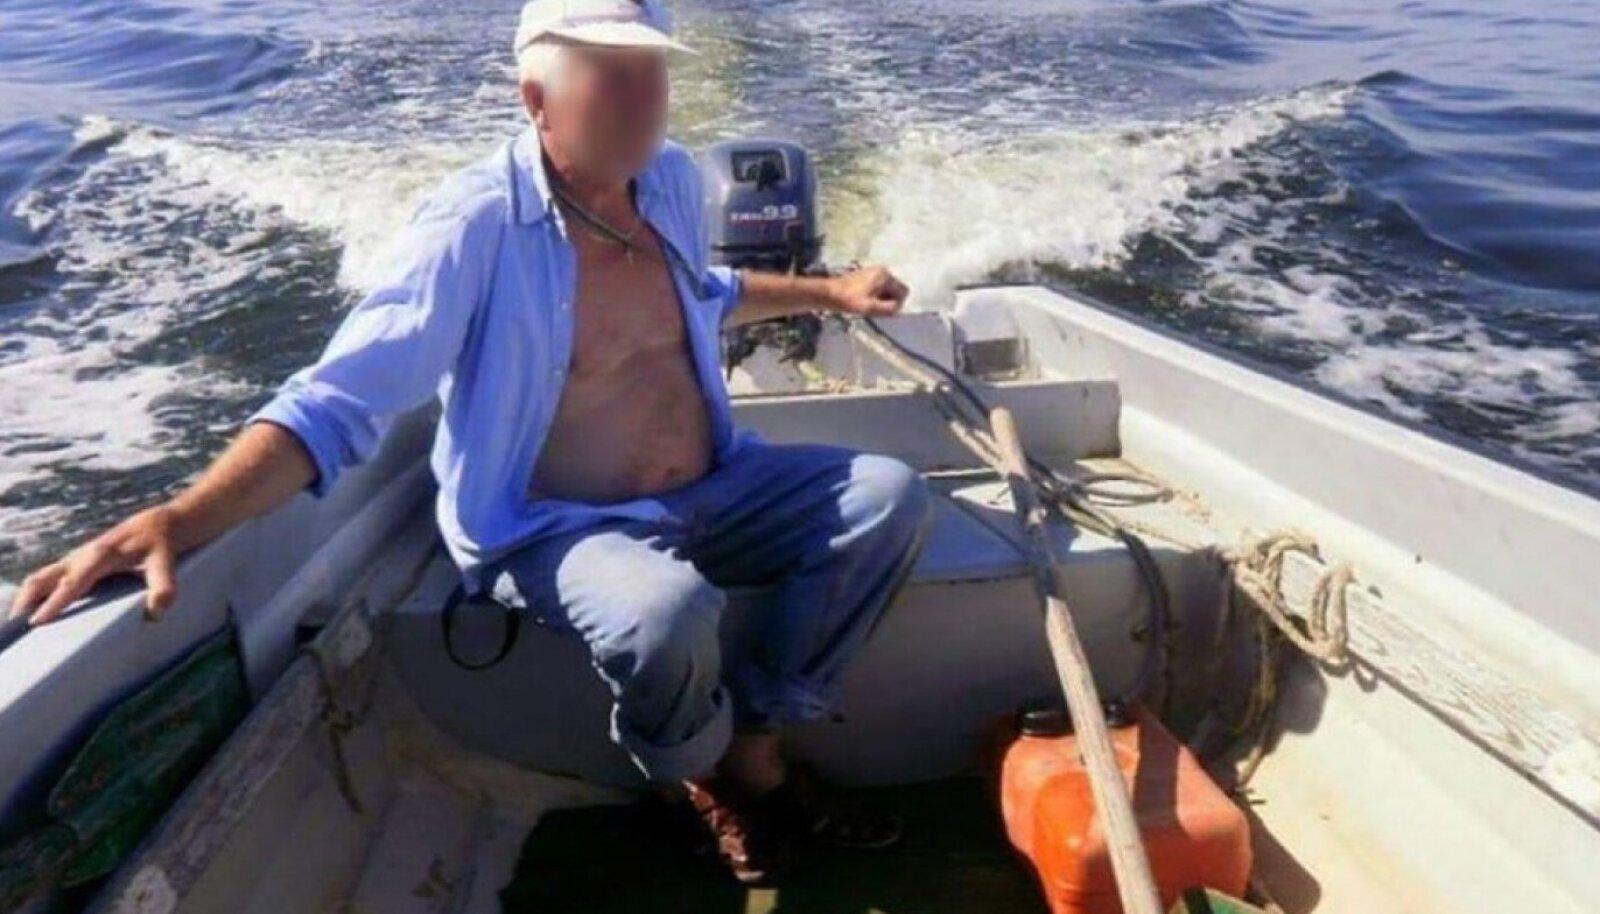 ДО ОПЕРАЦИИ ПО УДАЛЕНИЮ ОПУХОЛИ: Крепкий хуторянин Мати увлекался рыбалкой, но после операции его мир рухнул.